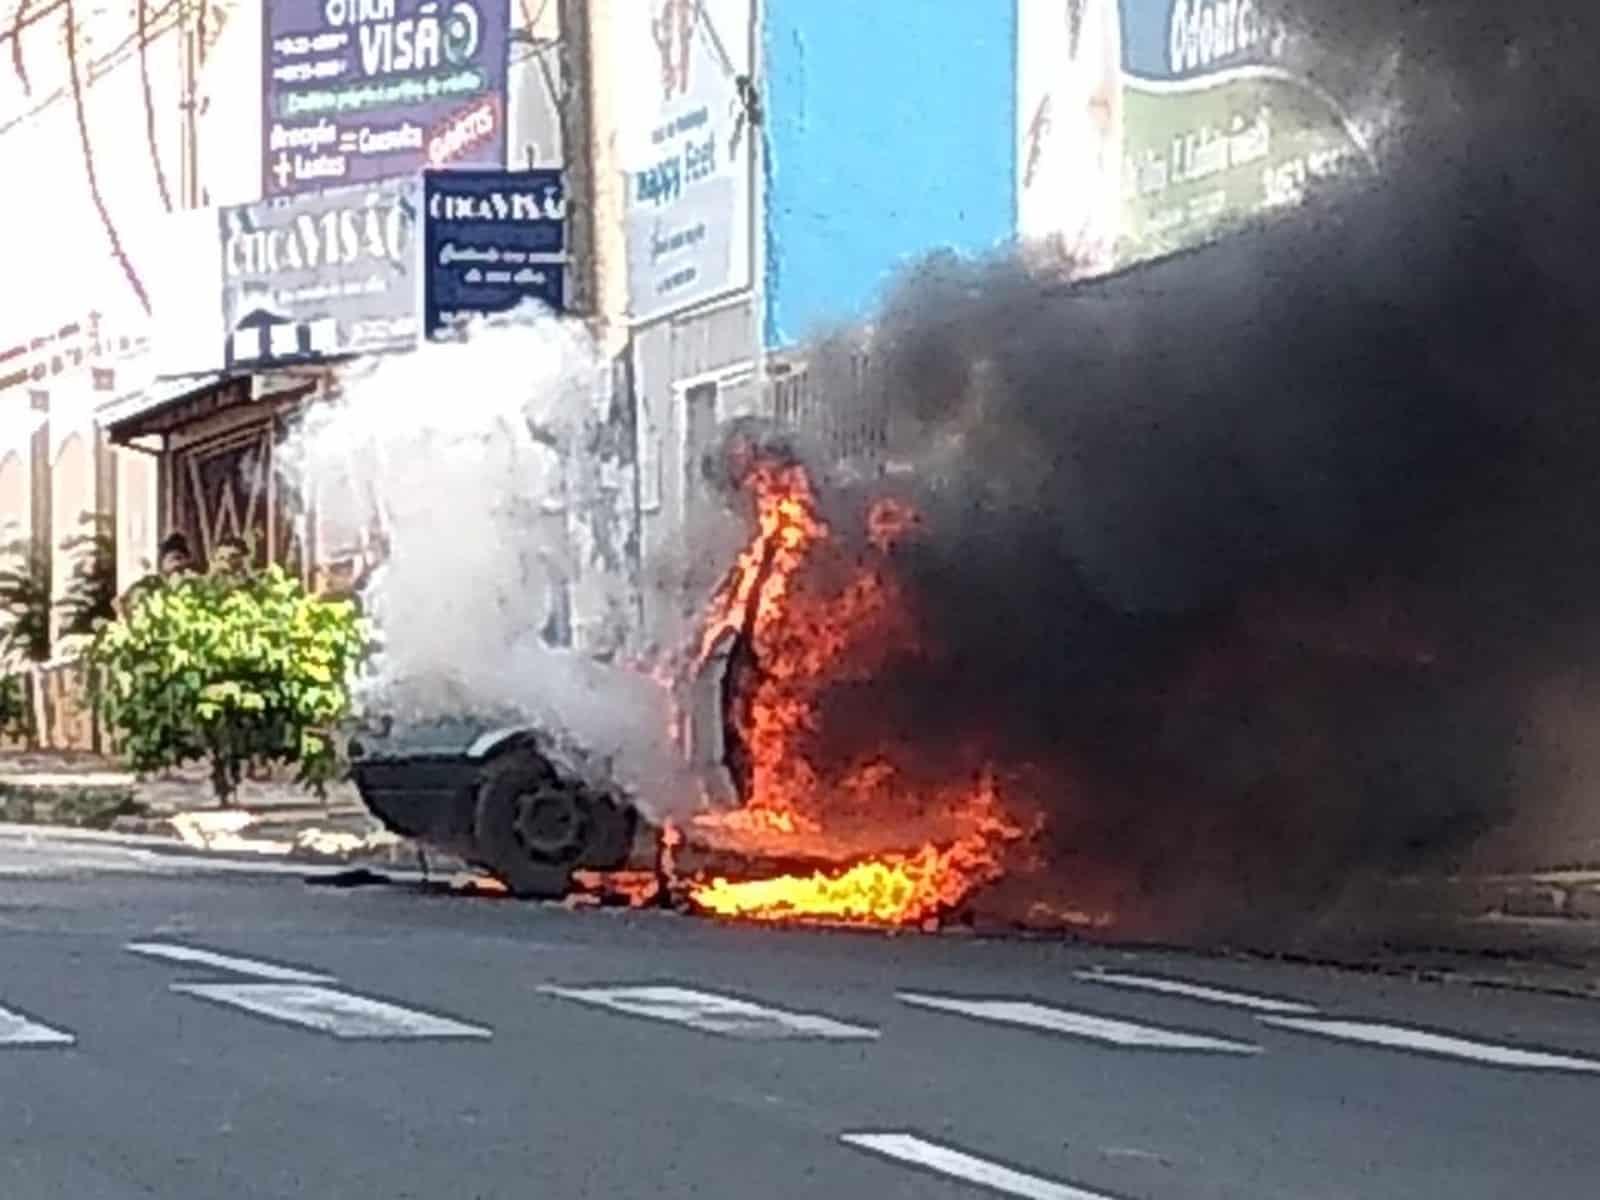 Carro pega fogo na Avenida República em Marília — Foto: Arquivo pessoal/Eduardo Meira